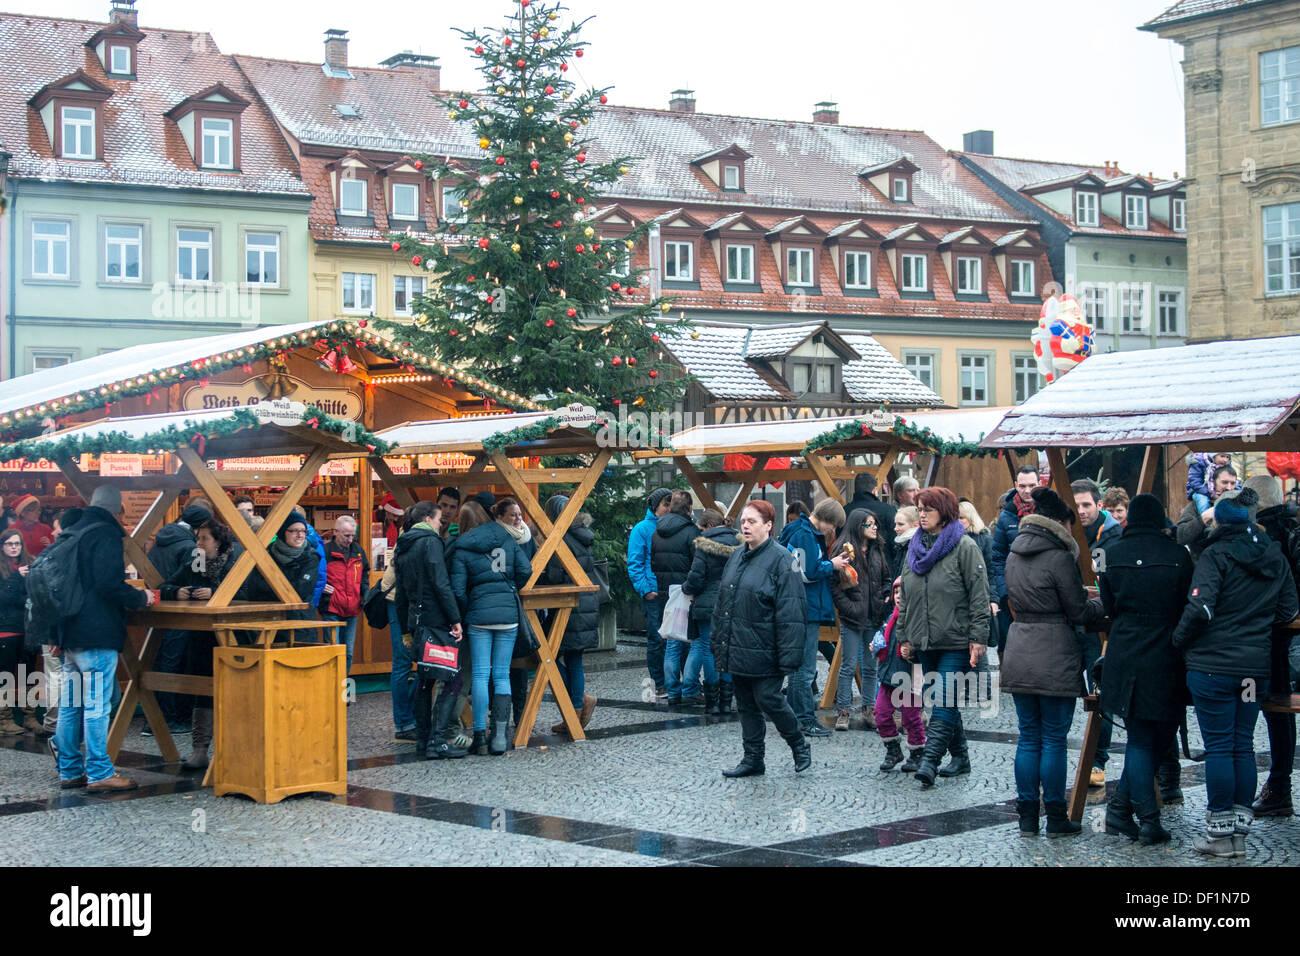 Bamberg Weihnachtsmarkt.Menschen Am Weihnachtsmarkt Bamberg Deutschland Stockfoto Bild